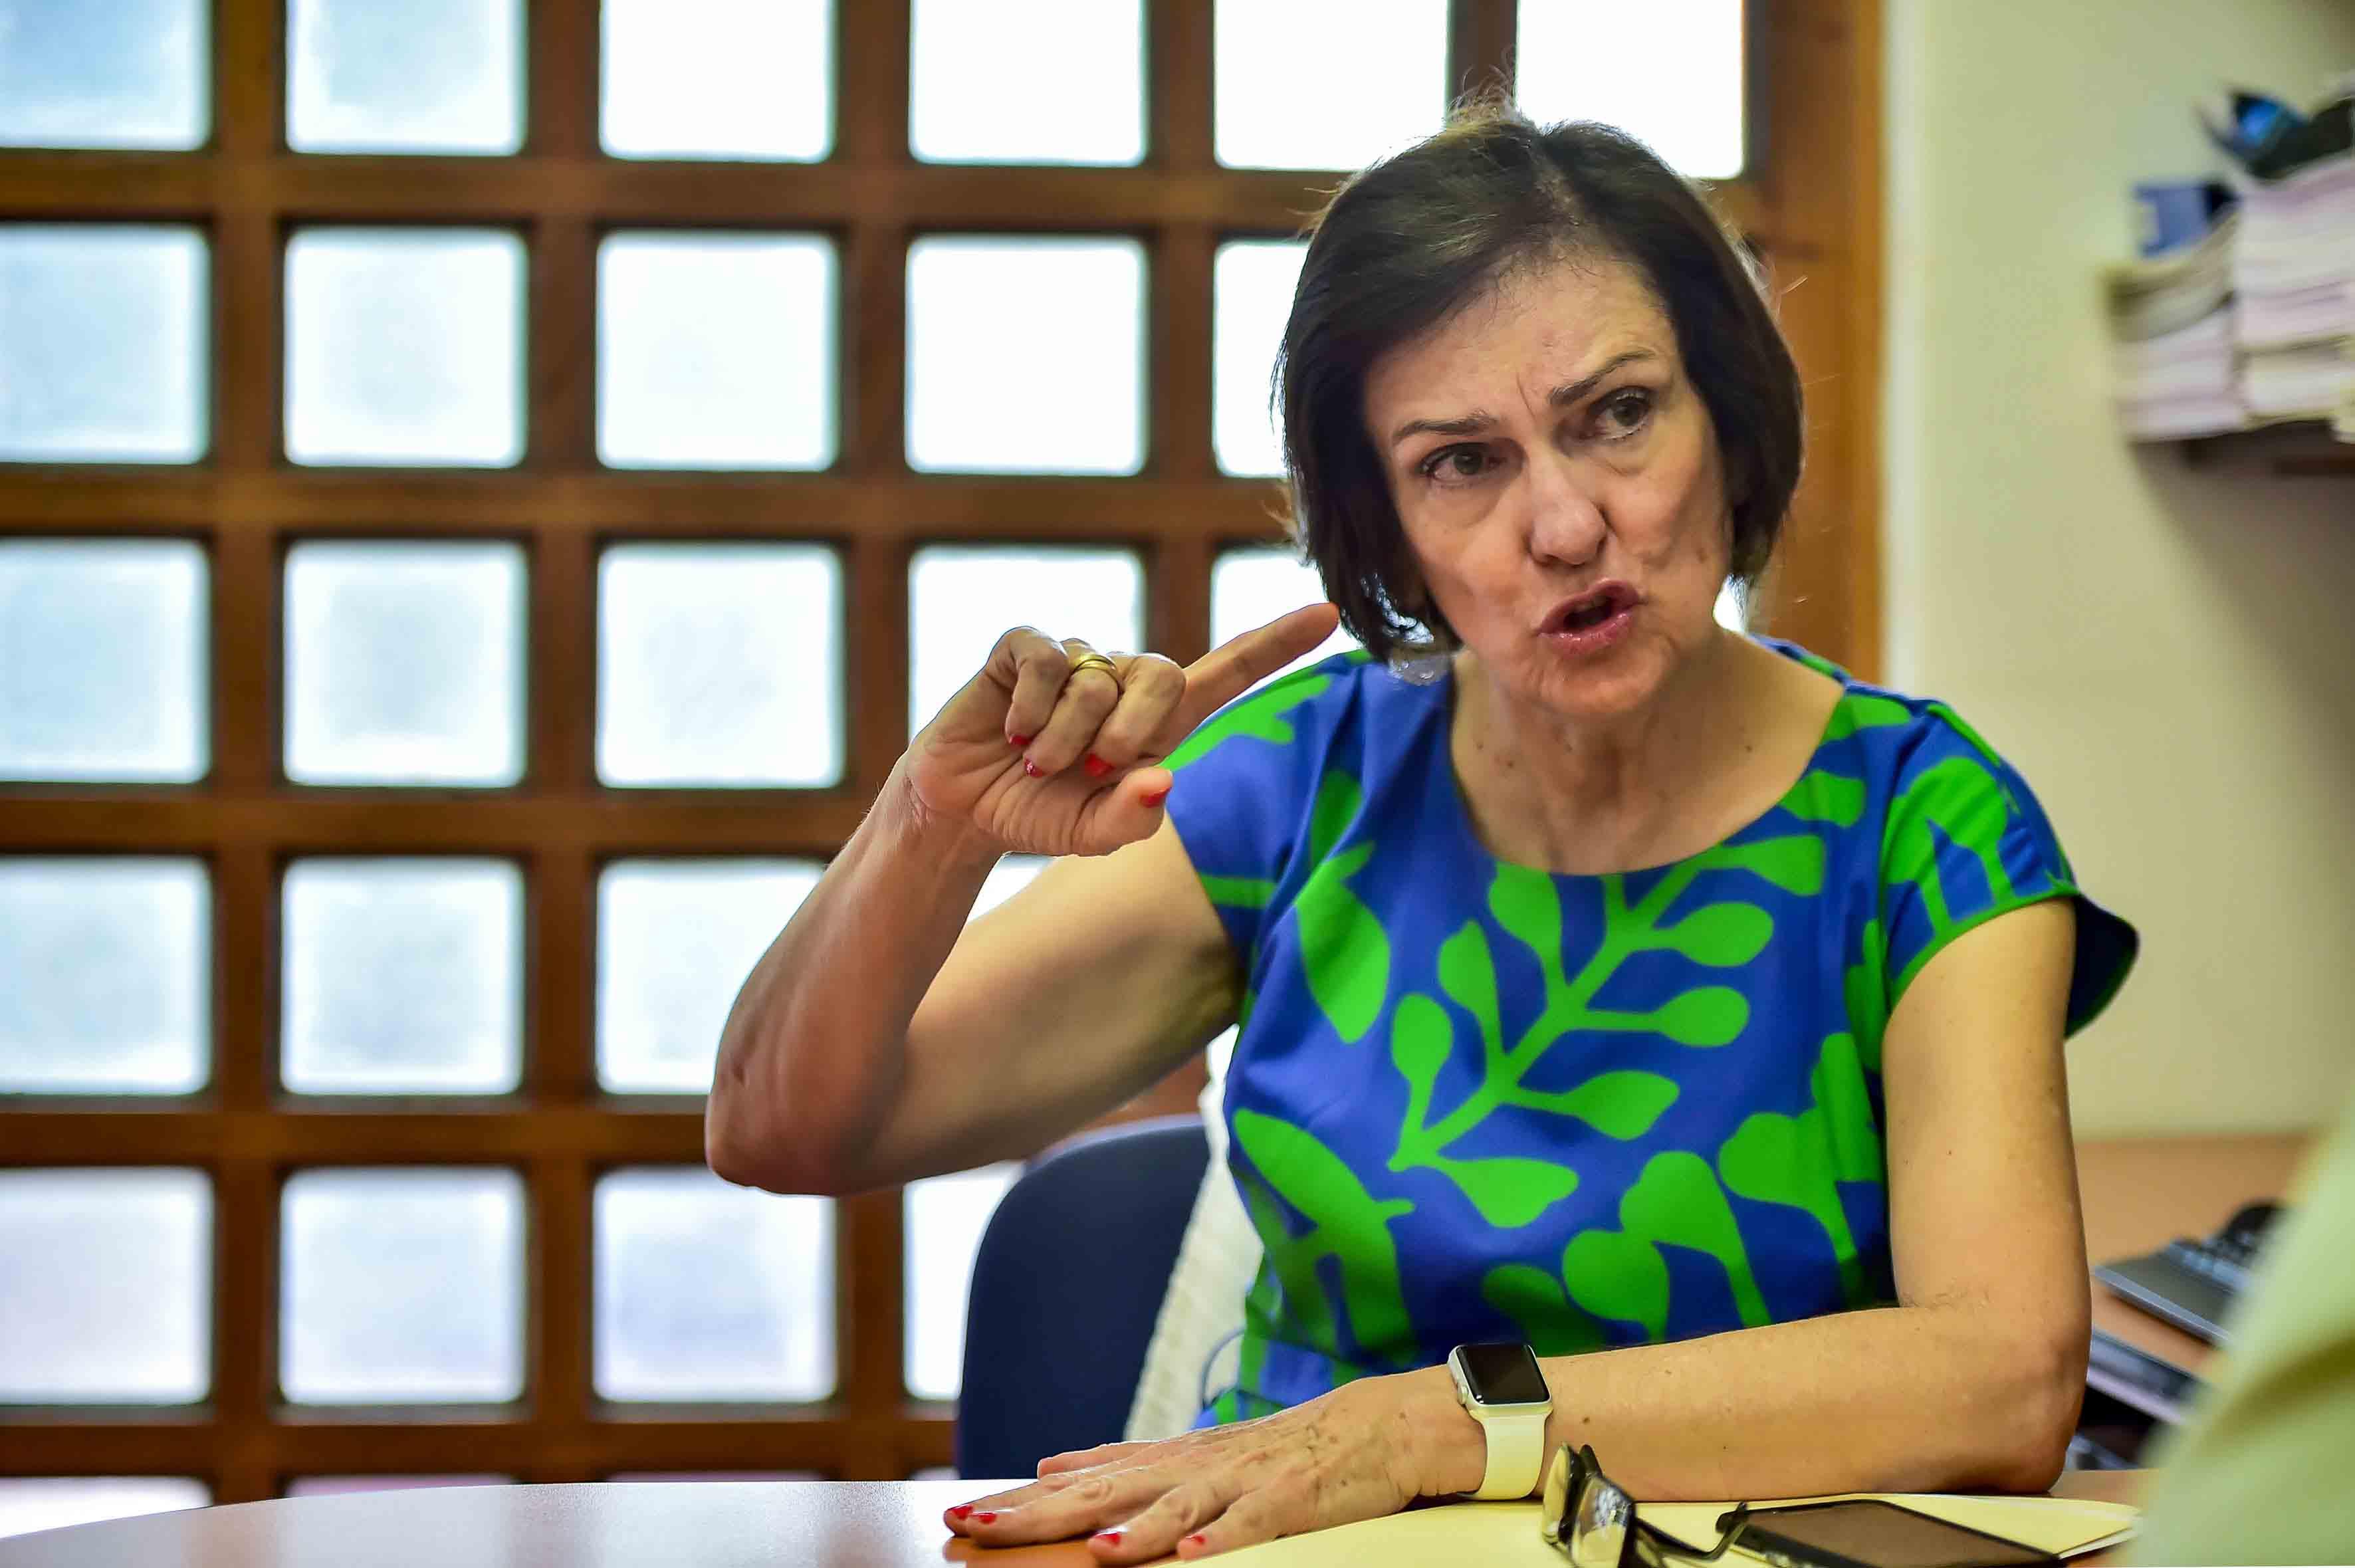 Doctora Esmeralda Matute Villaseñor, directora del Instituto de Neurociencias (Ineuro), de la Universidad de Guadalajara, en entrevista.